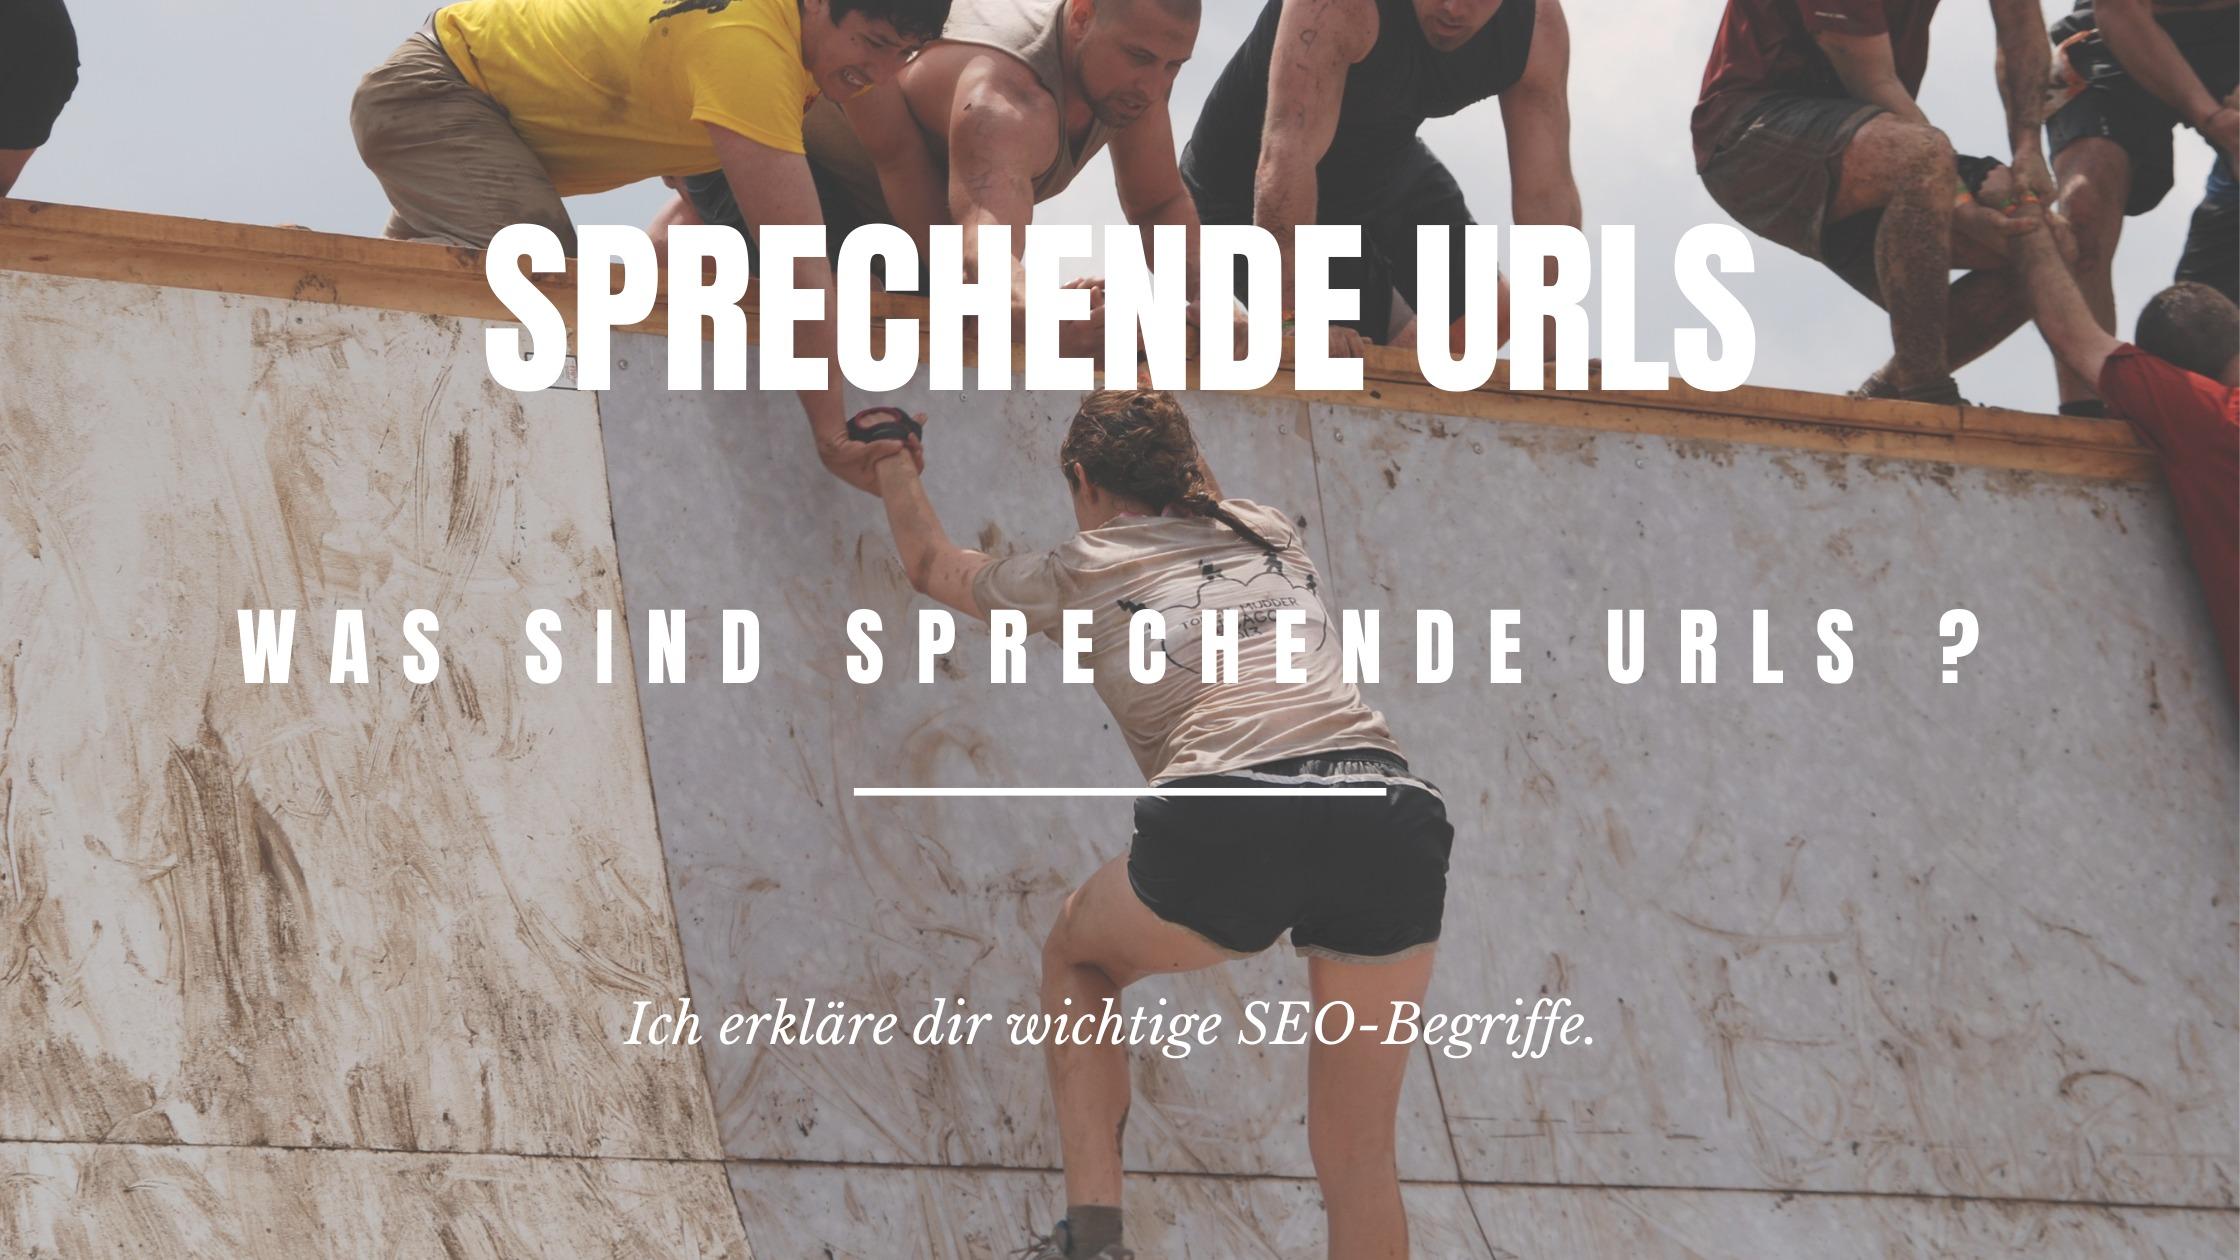 Sprechende URLs für SEO